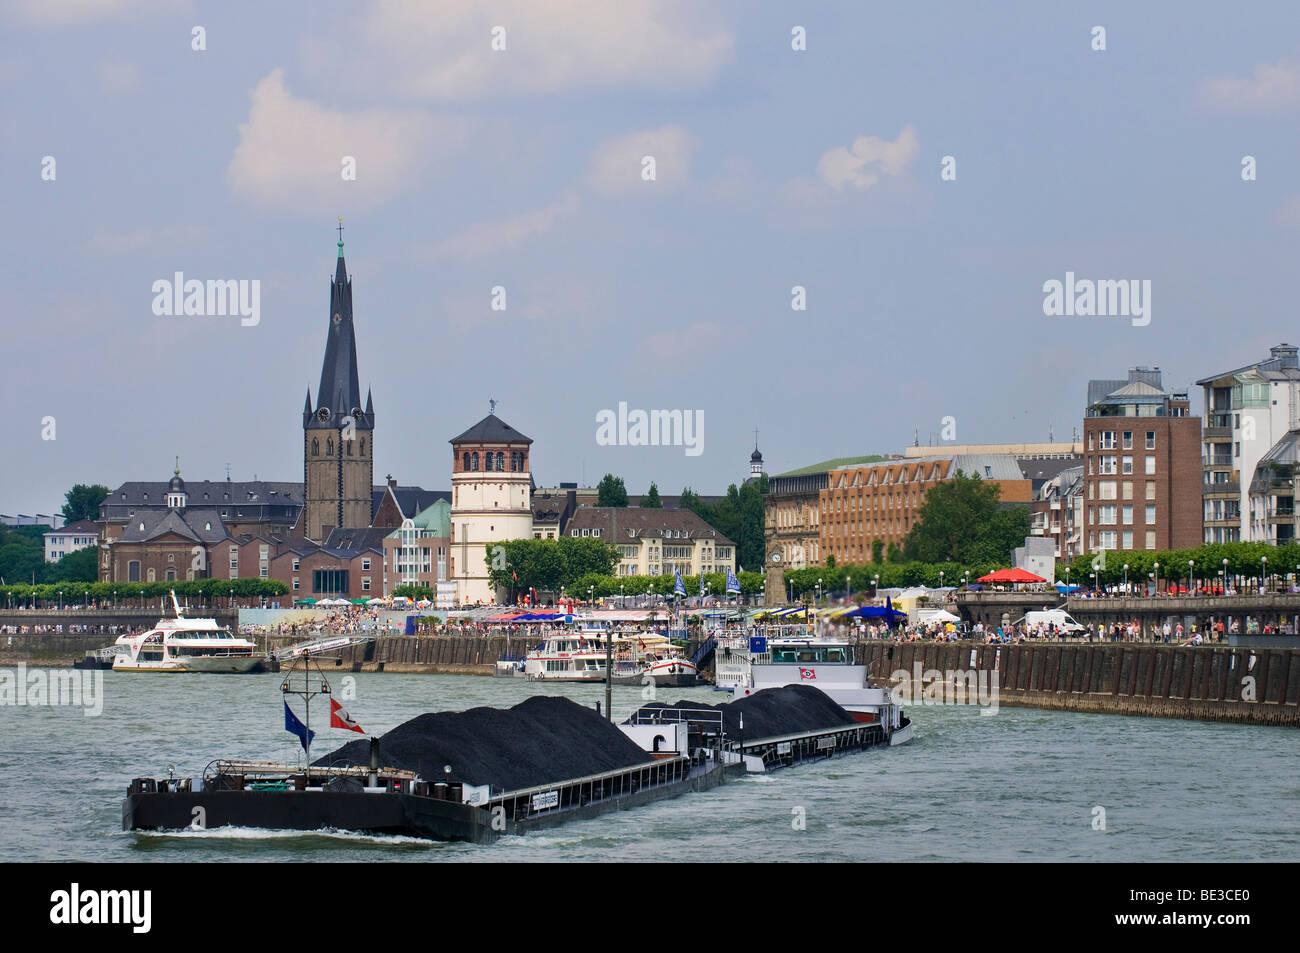 Panoramablick auf Rhein, Lambertuskirche Kirche, vom Burgplatz Platz zum alten Hafen, Frachtschiff auf Rhein, aufgrund Stockbild